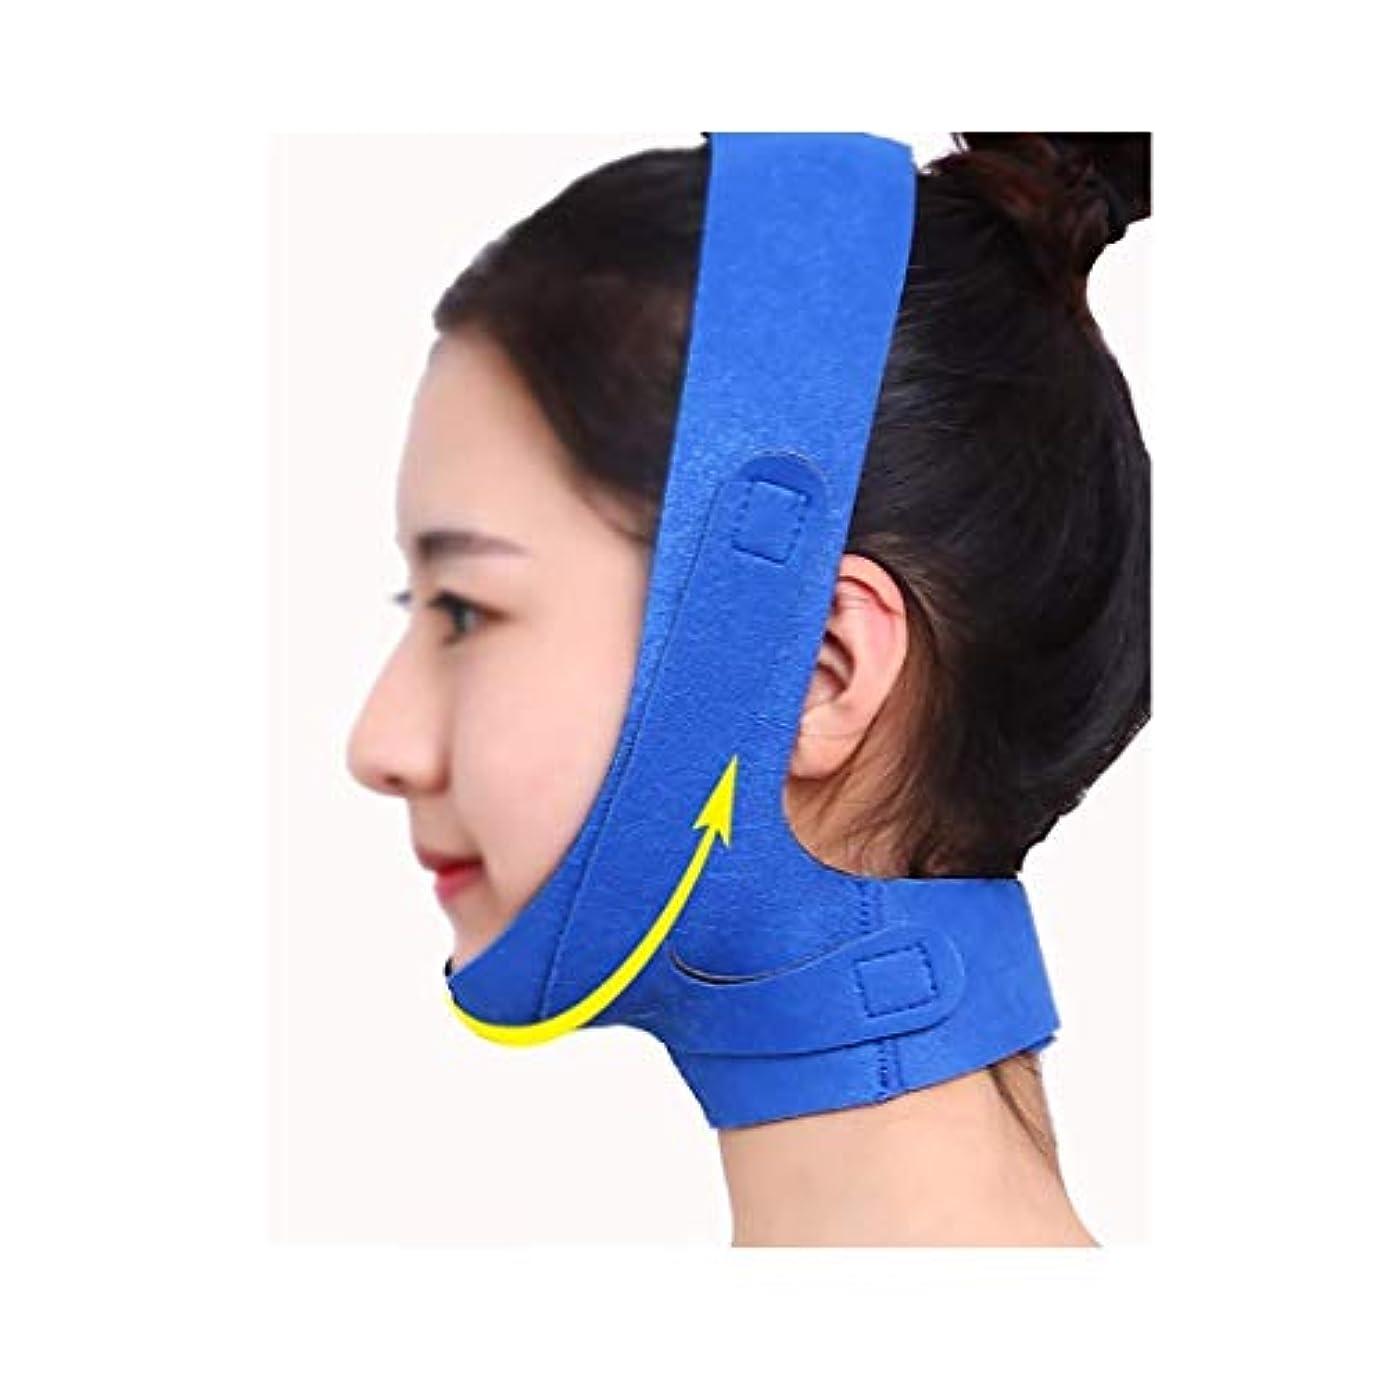 表向き委員会パーツフェイスリフトマスク、チンストラップの回復の包帯の睡眠の薄い顔の包帯の薄いフェイスマスクフェイスリフトの美のマスクの包帯の青いフェイスマスクが付いている小さいVの顔を高めるフェイスリフトのアーティファクト